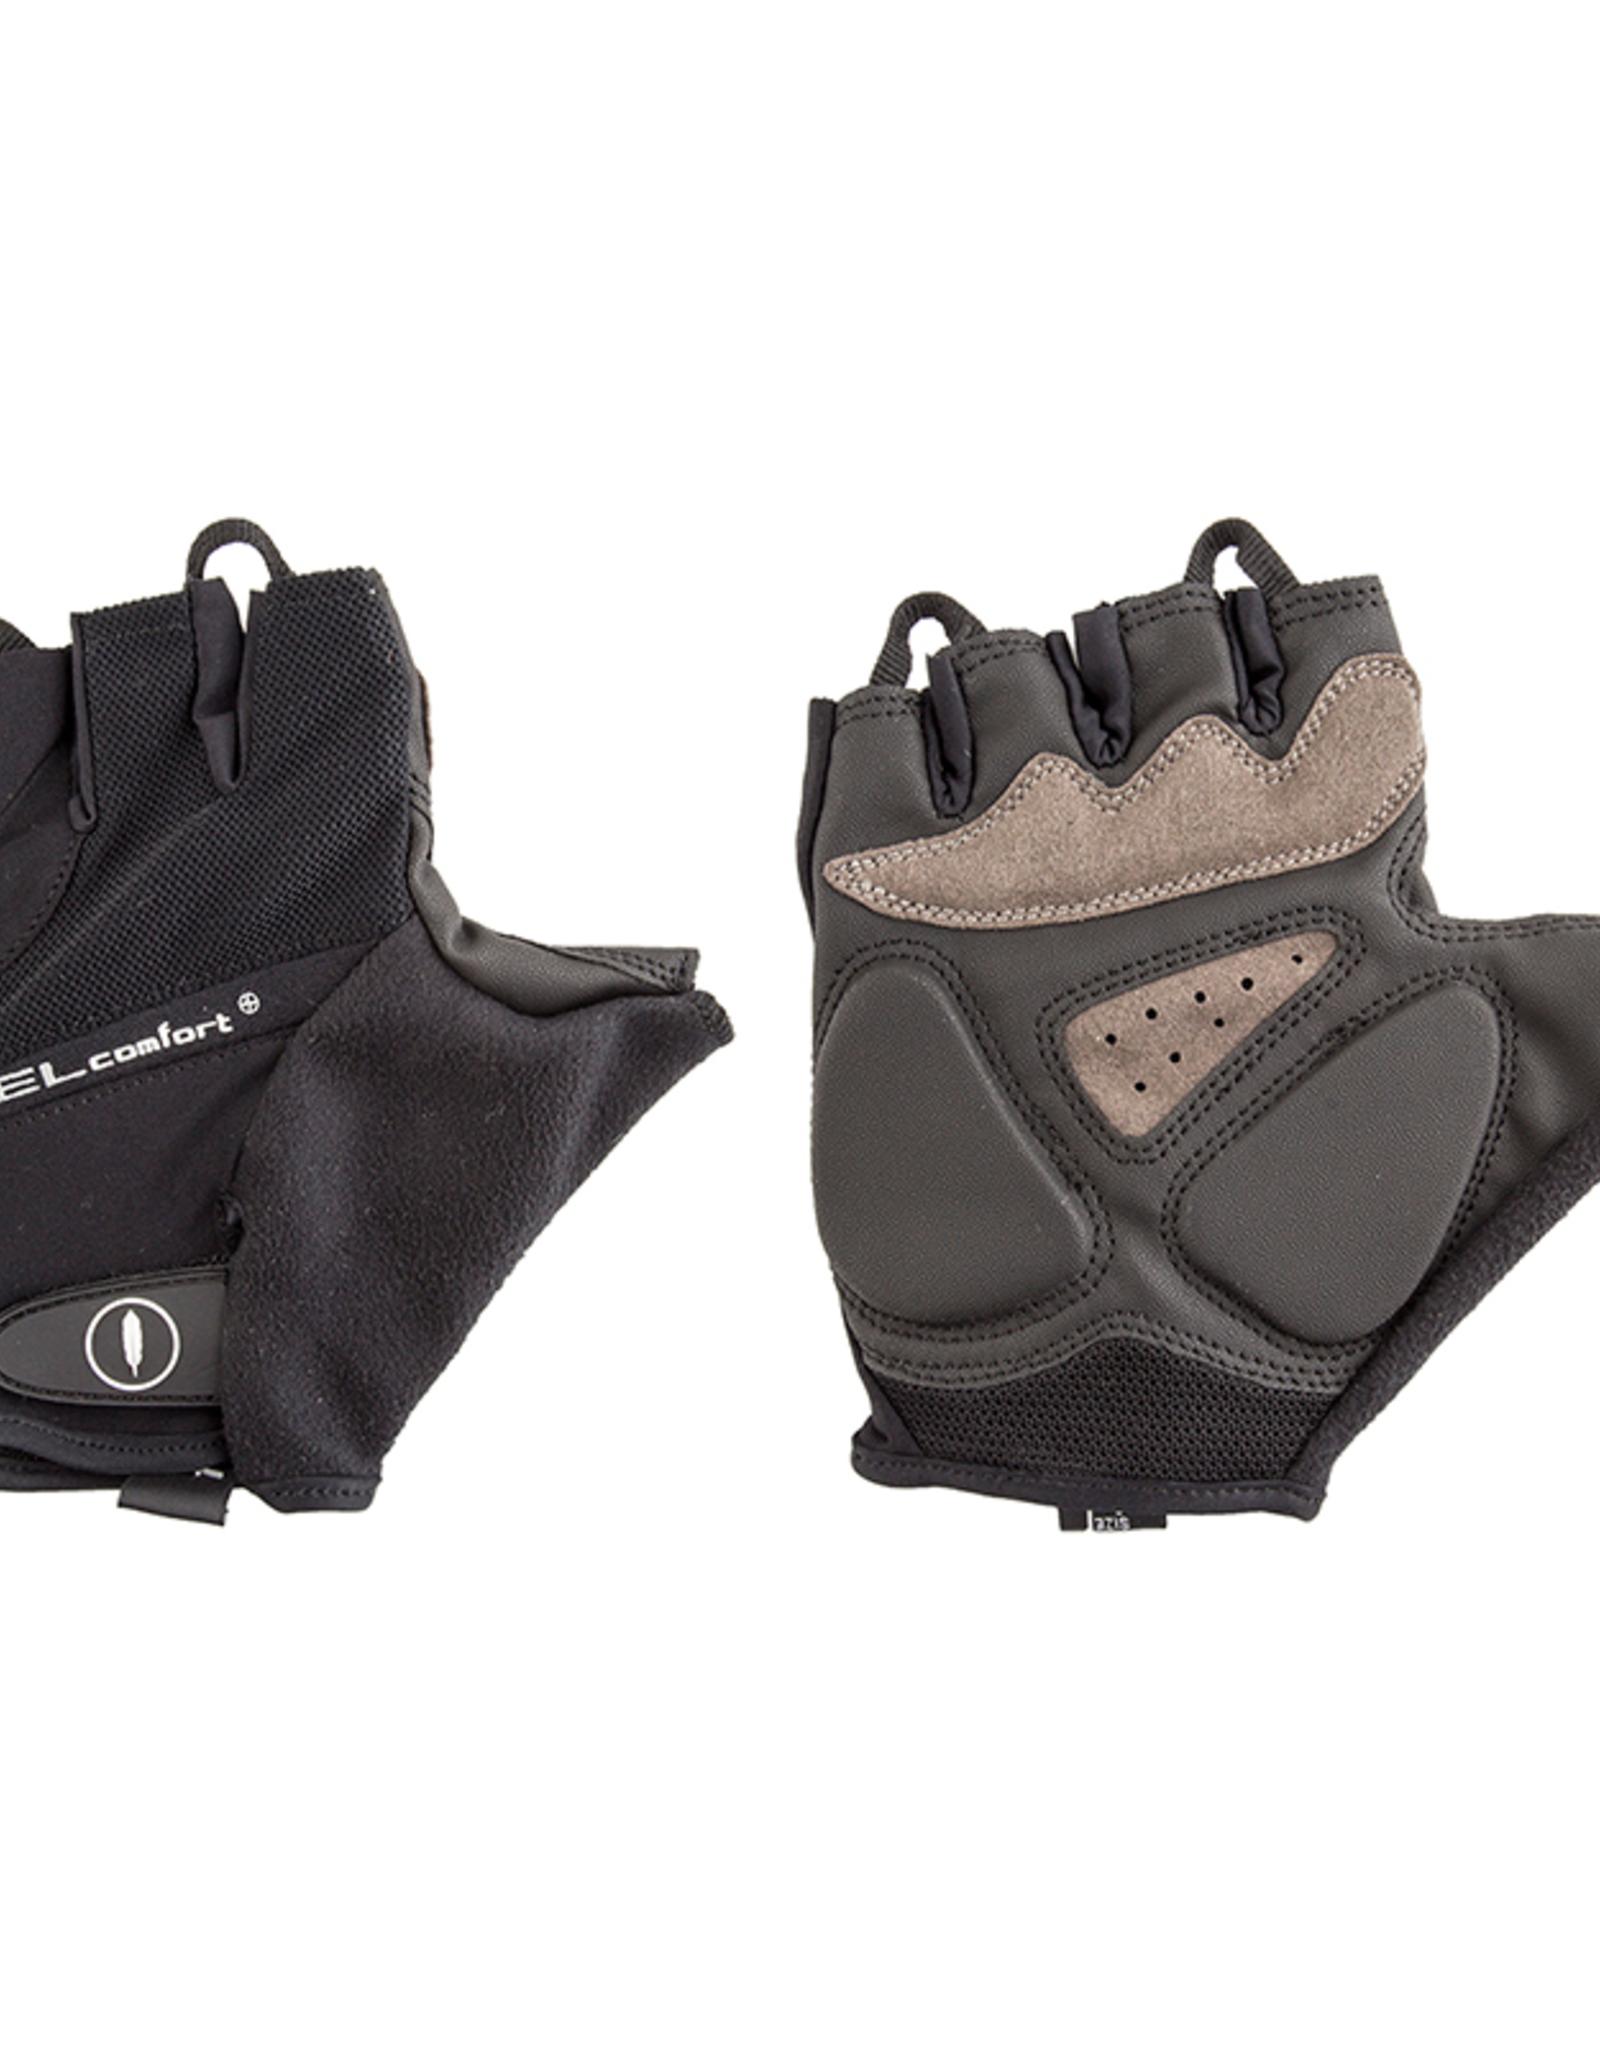 Aerius Aerius Gel Glove Black Medium